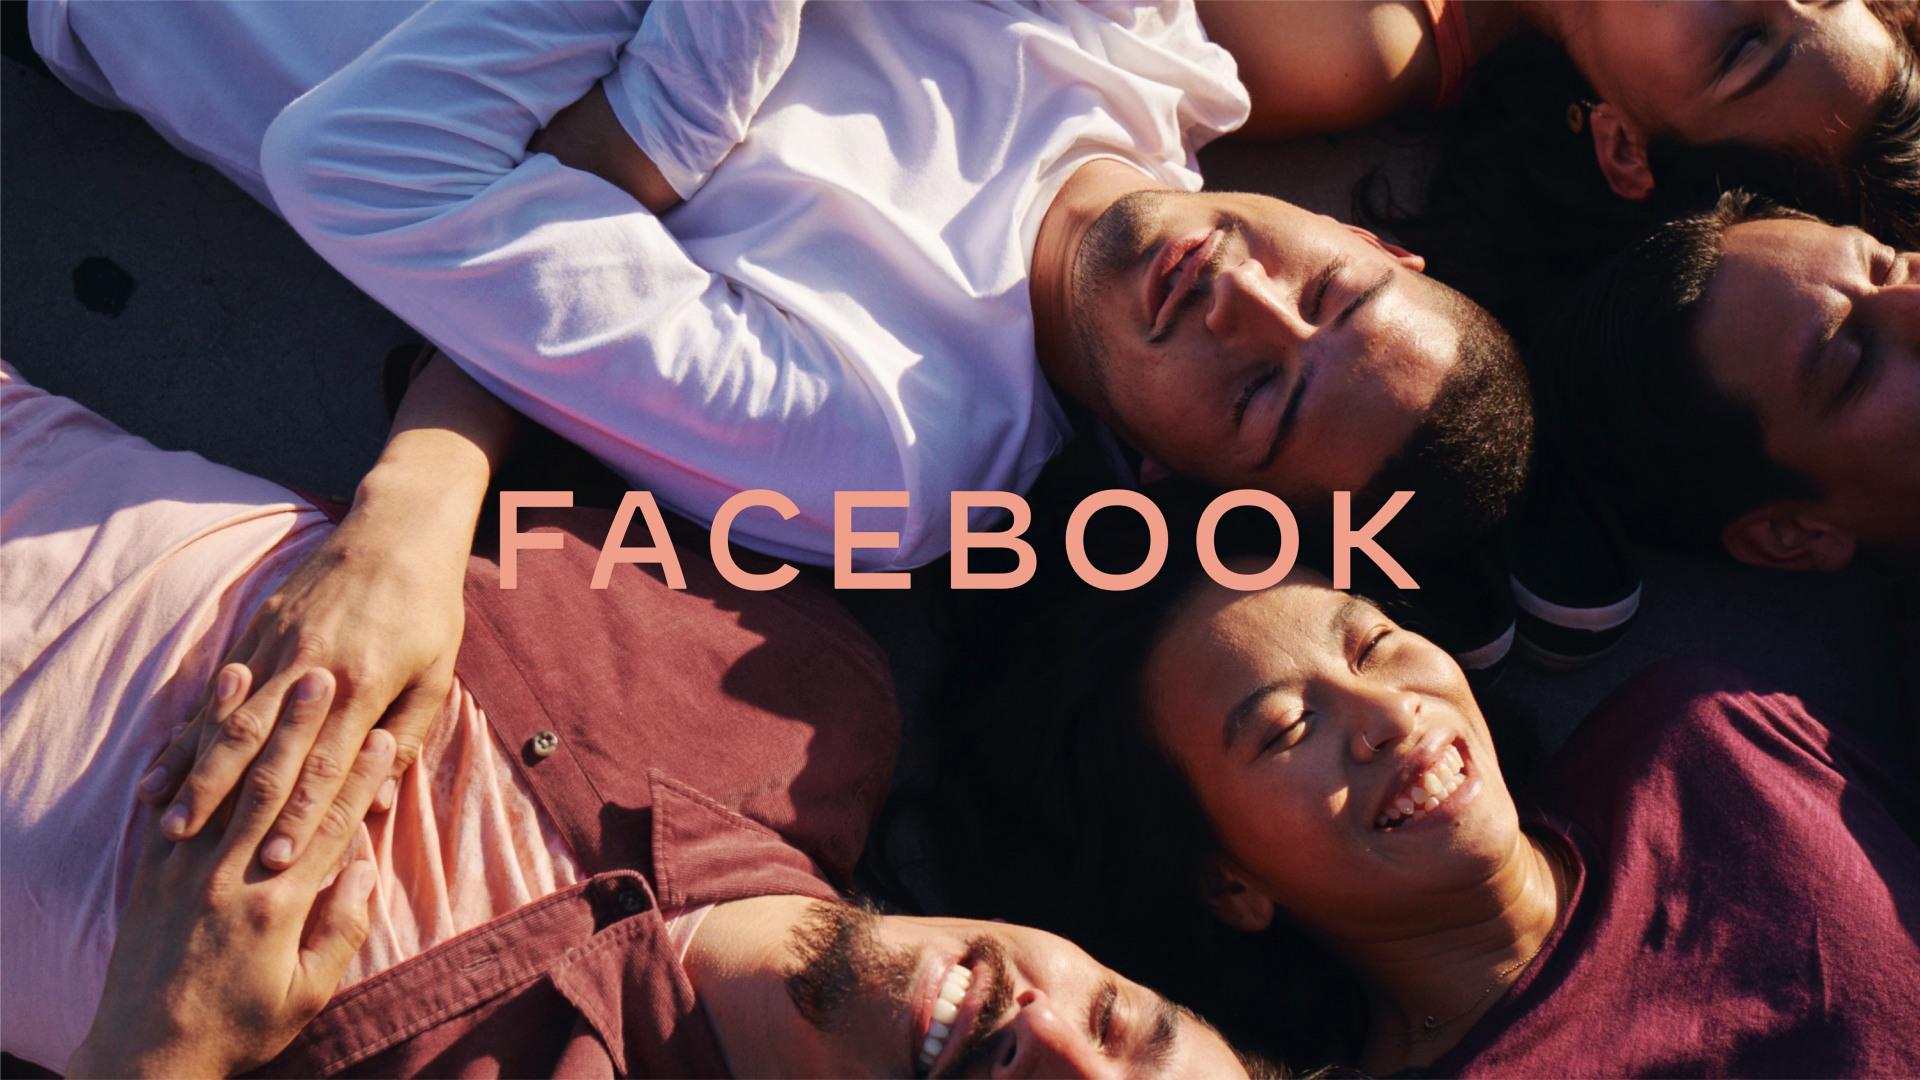 Horrela itxura berria da Facebook.  Luzatutako mugikorretarako aplikazioa dirudi